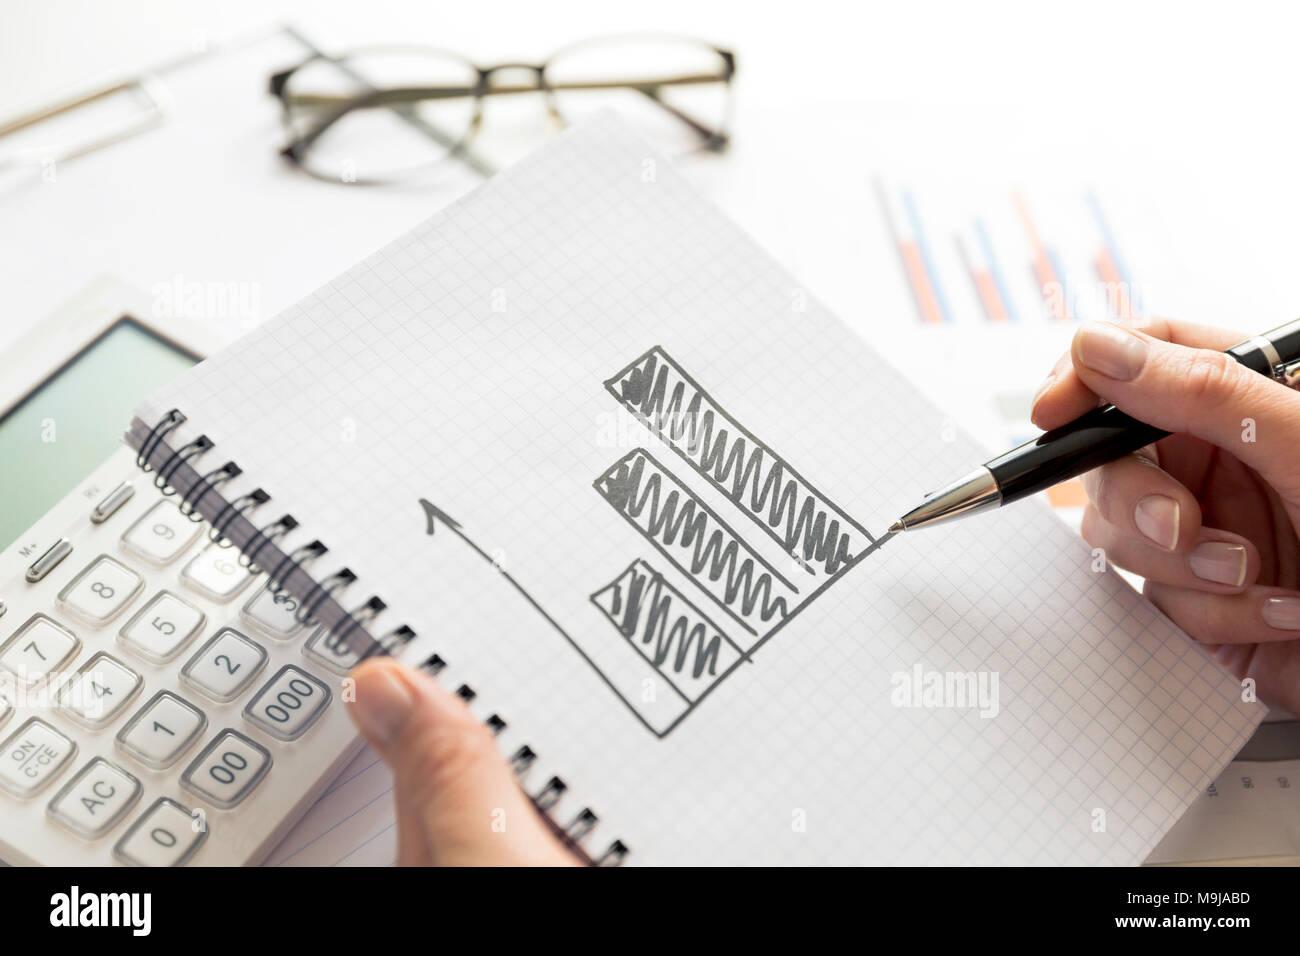 Geschäftsfrau, die am Projekt über das Wachstum der Unternehmen. Zeichnung eines wachsenden Grafik im Notebook Stockbild